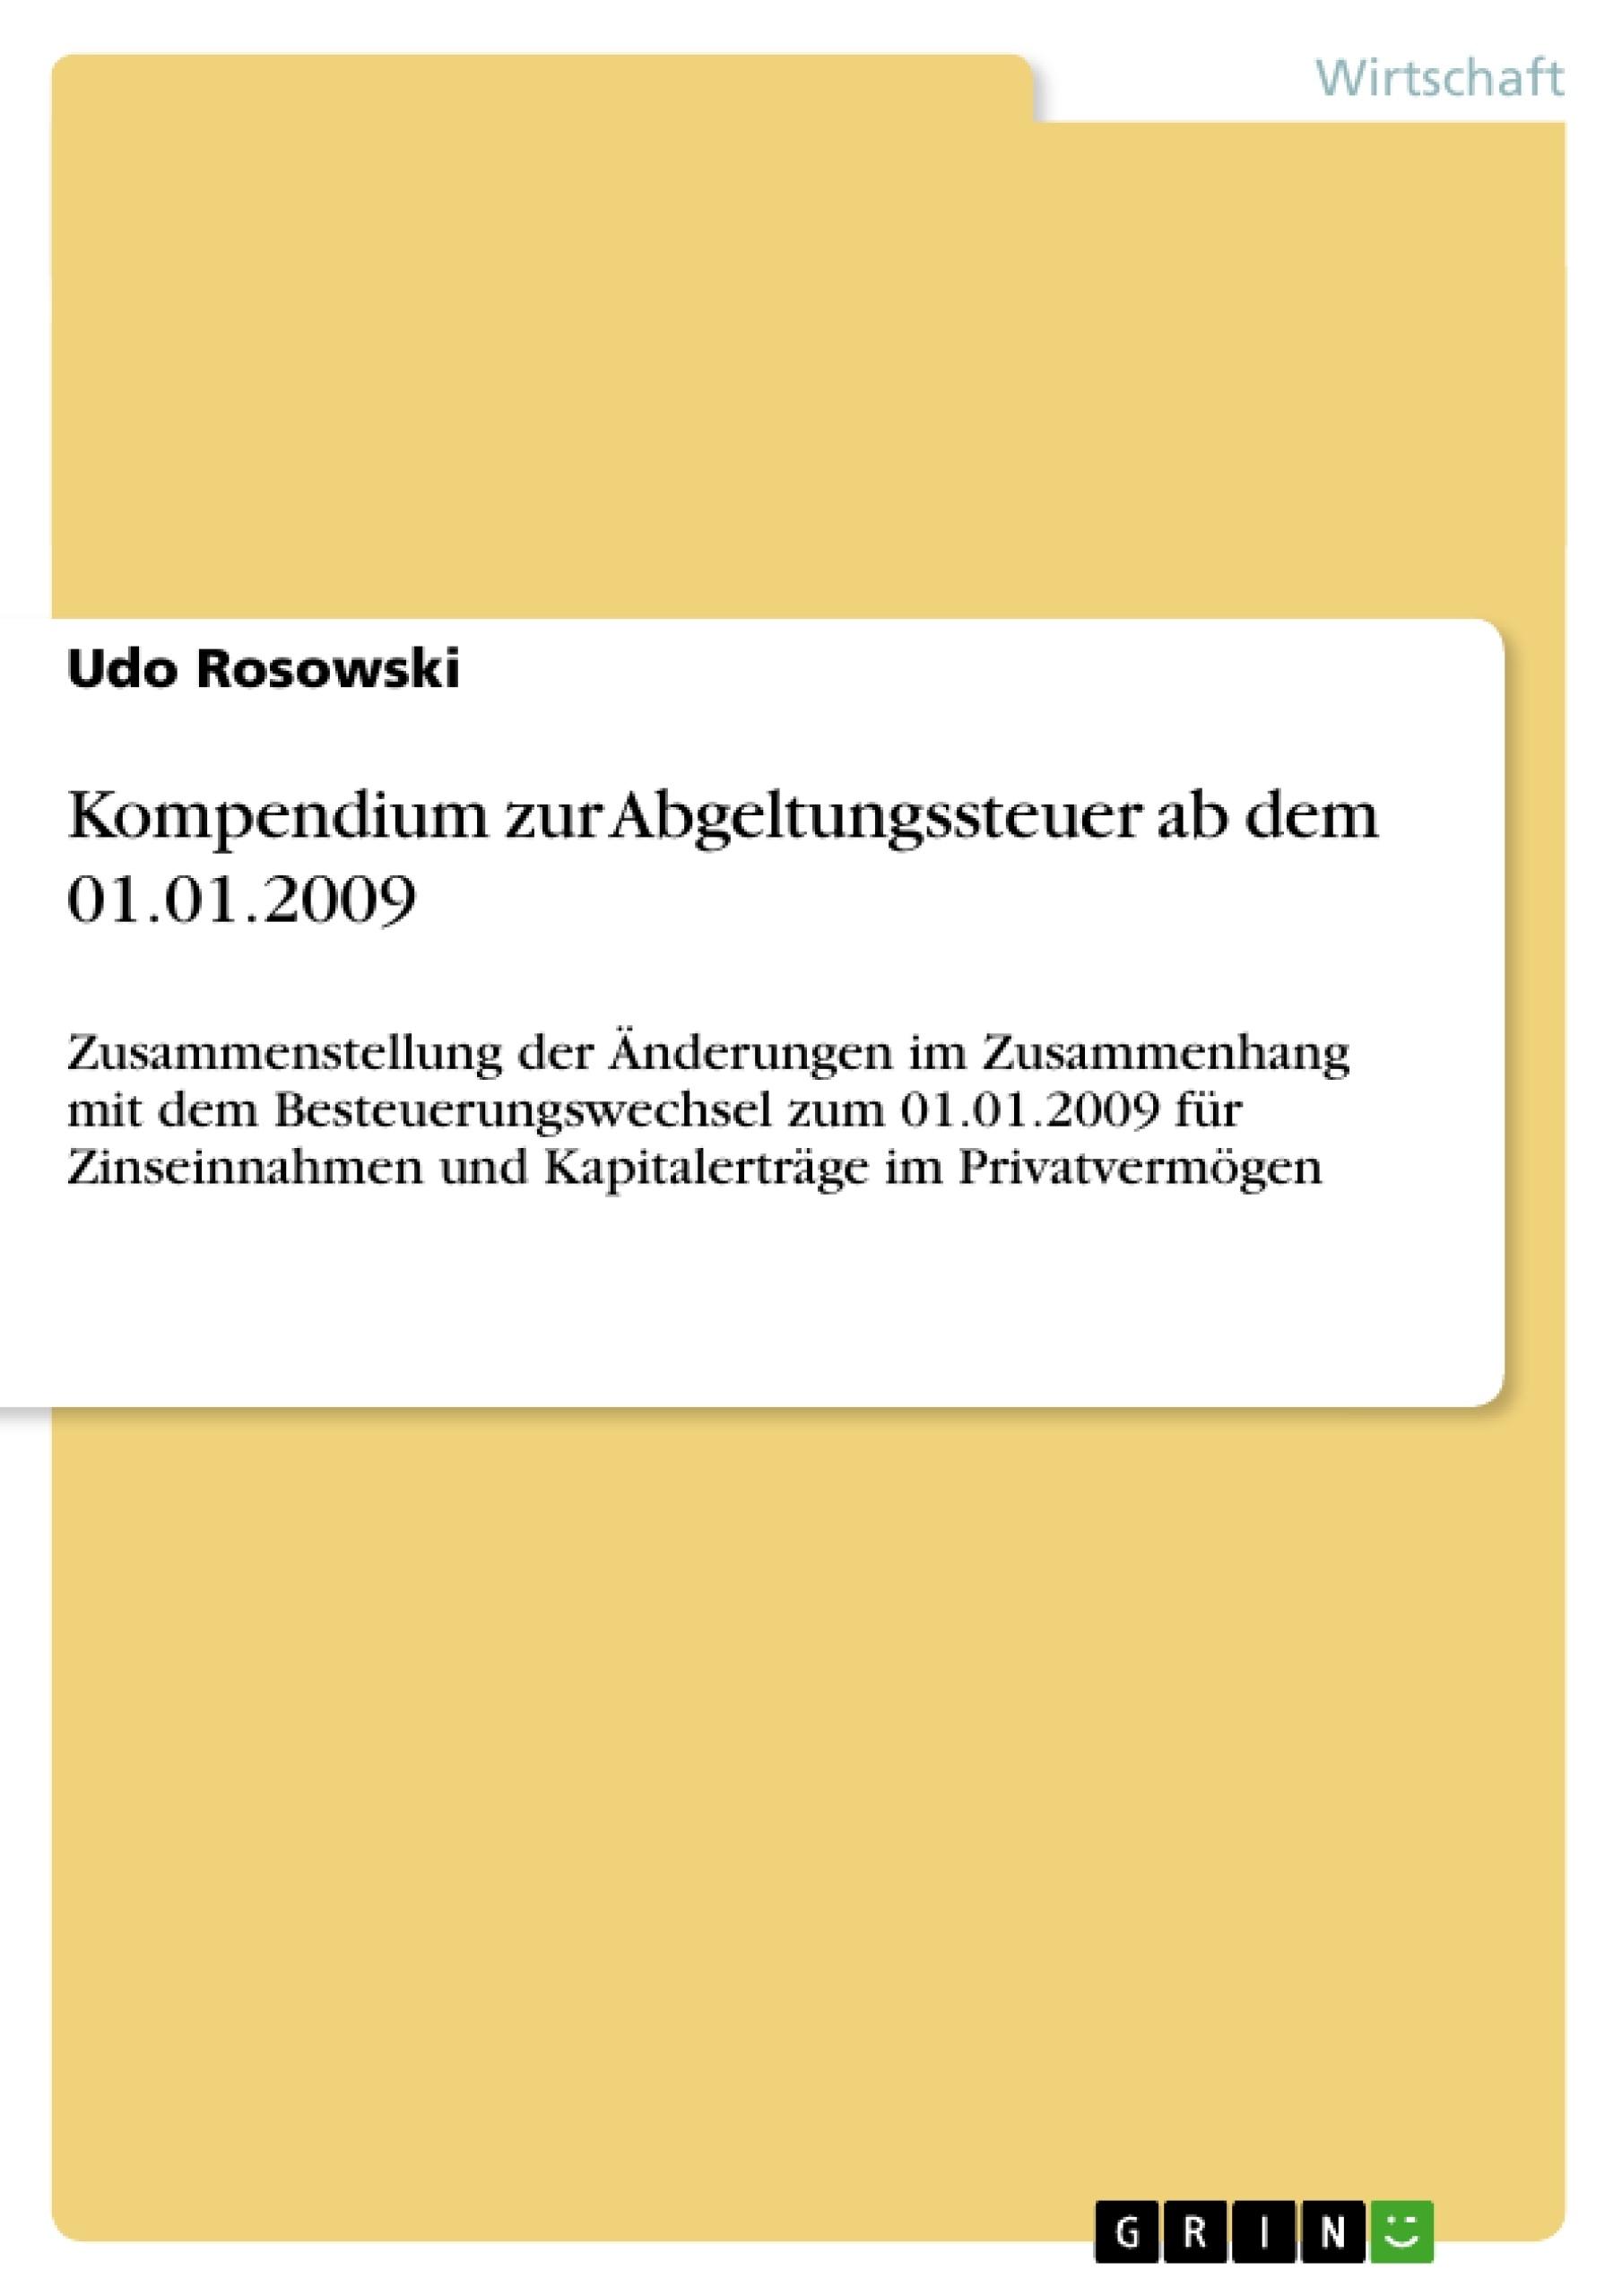 Titel: Kompendium zur Abgeltungssteuer ab dem 01.01.2009